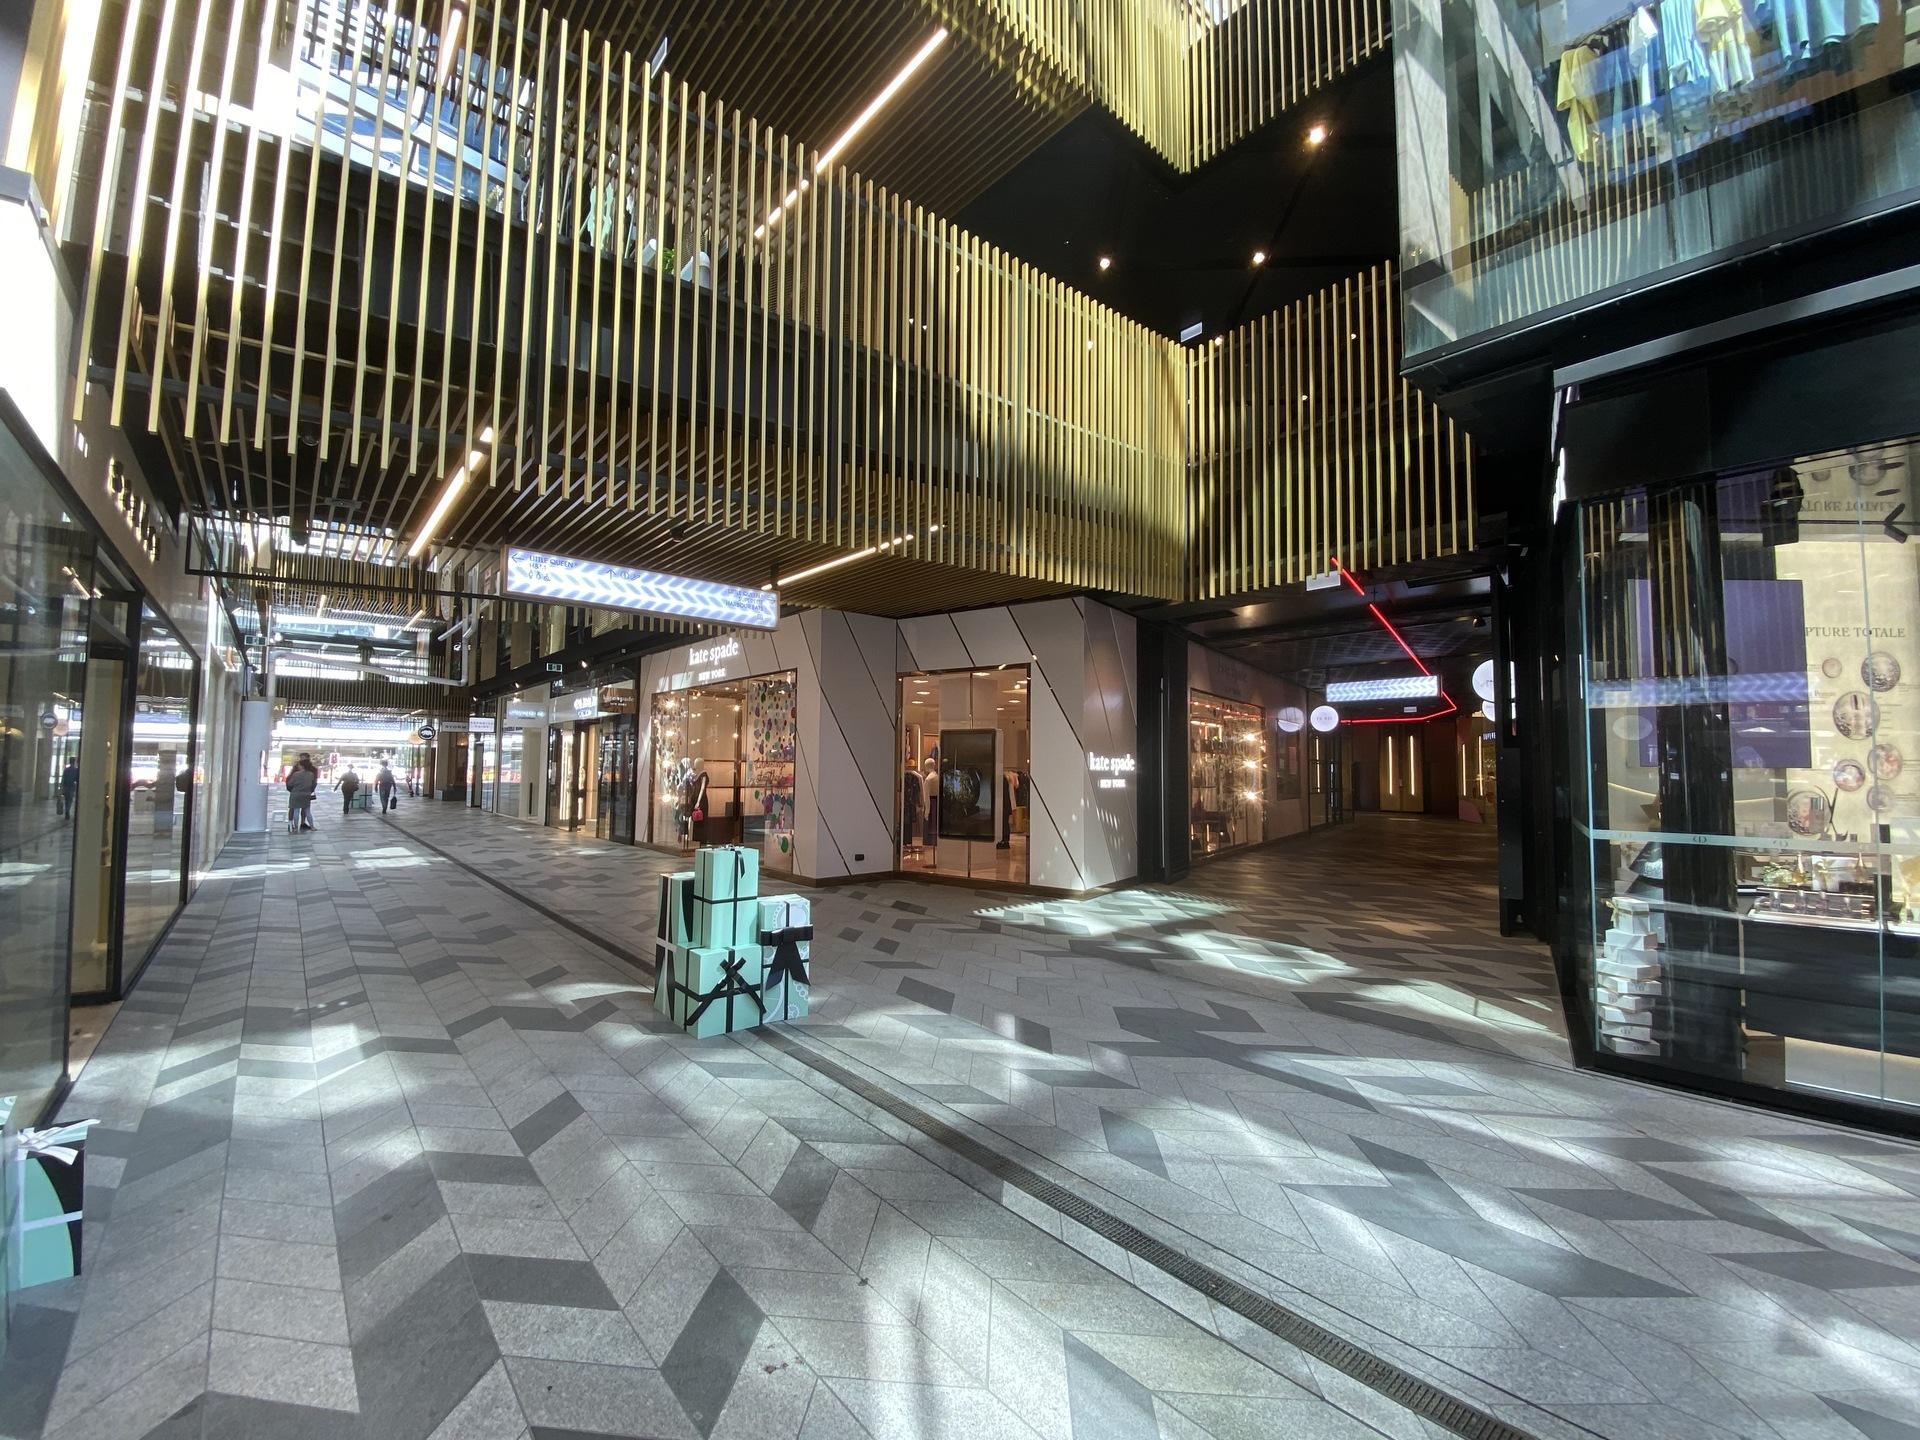 コマーシャルベイ | オークランド(NZ)在住MYDOニュージーランドさんのおすすめショッピング・買物スポット